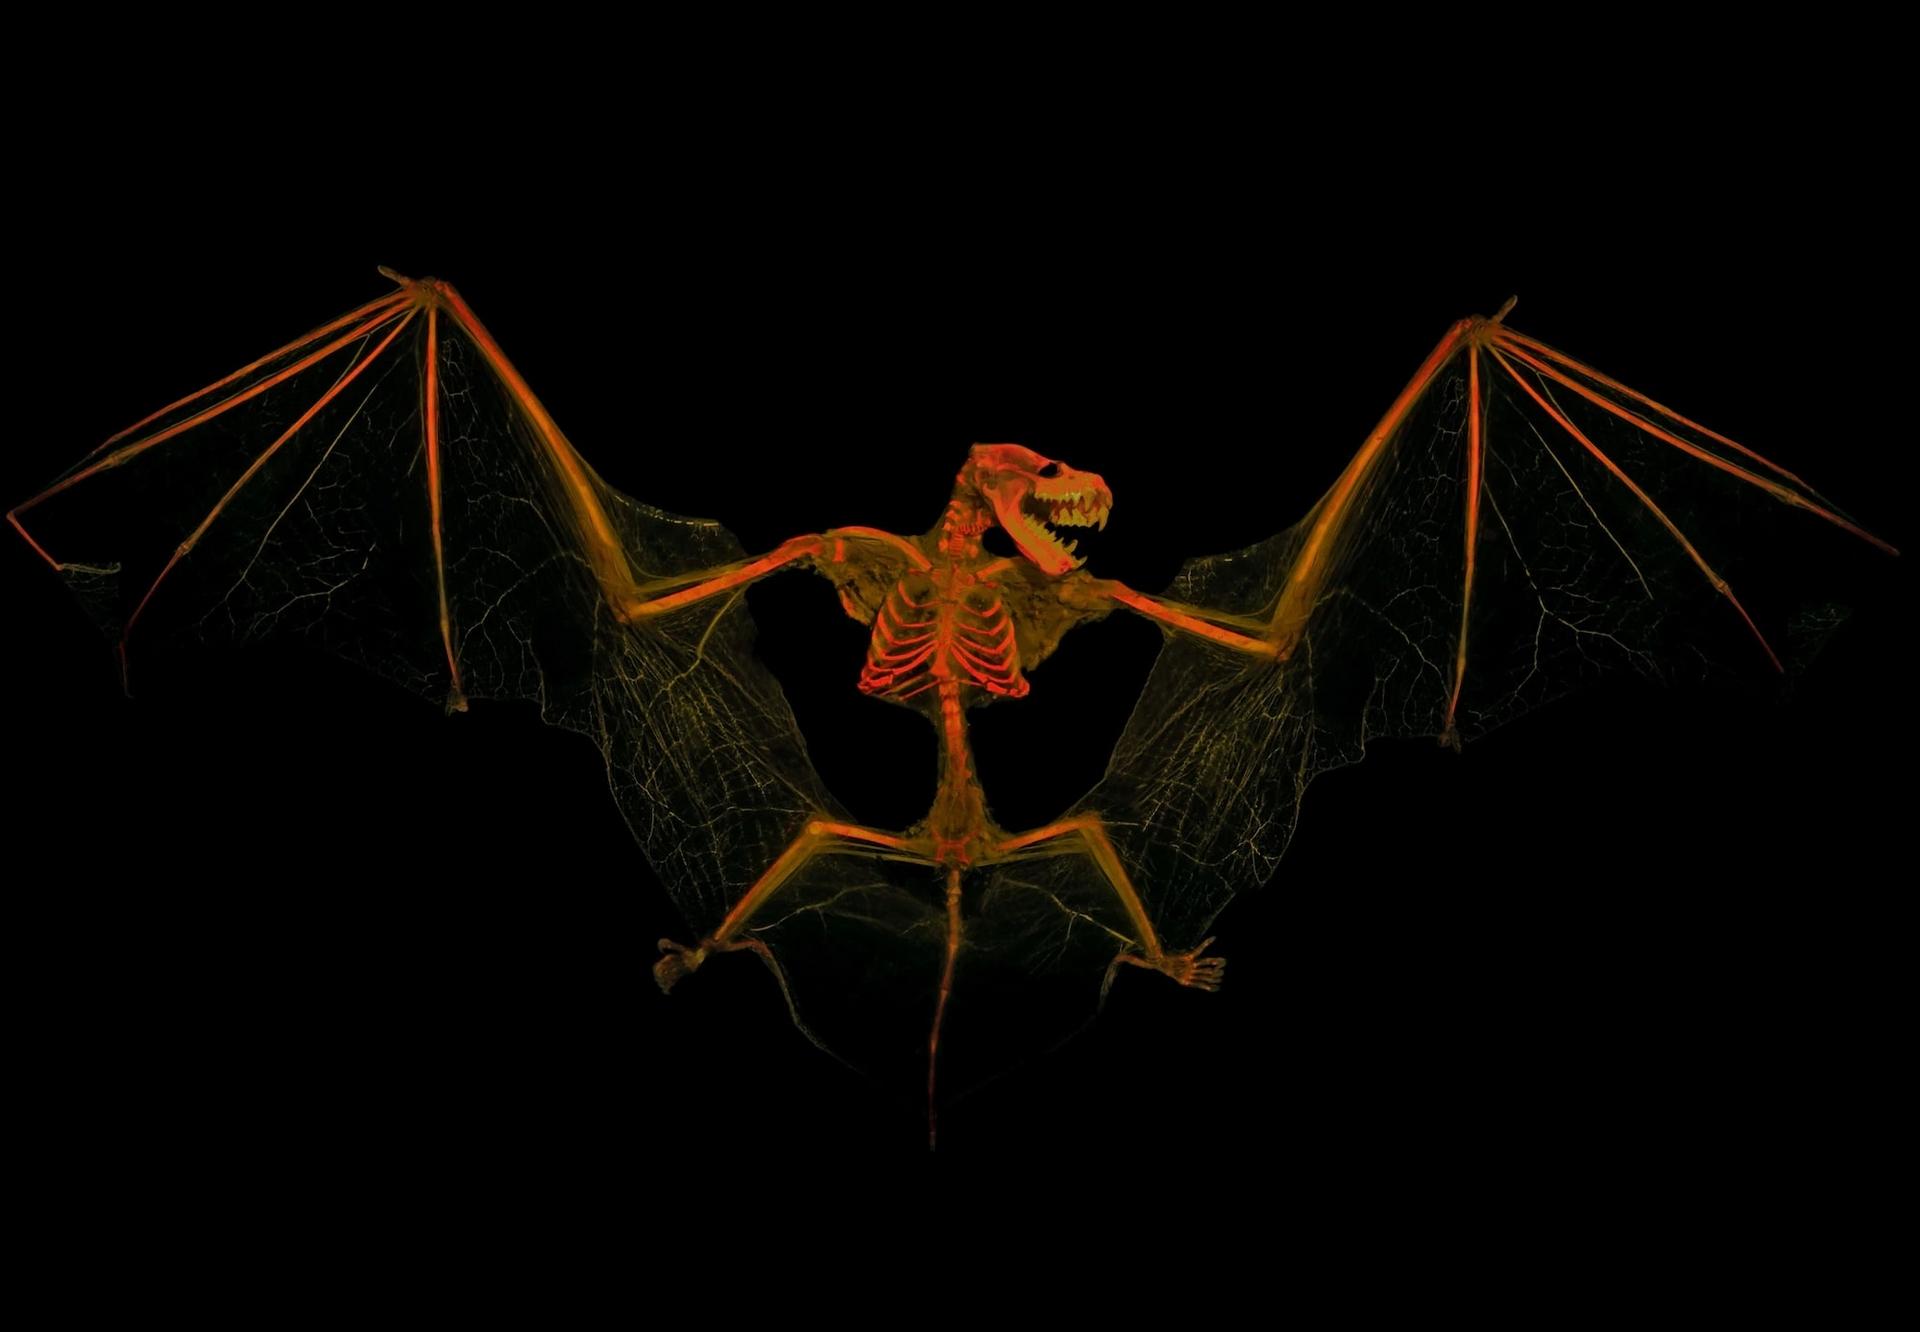 大棕蝠(big brown bat)翼展可以超過30公分。PHOTOGRAPH BY MATTHEW GIRARD, UNIVERSITY OF KANSAS